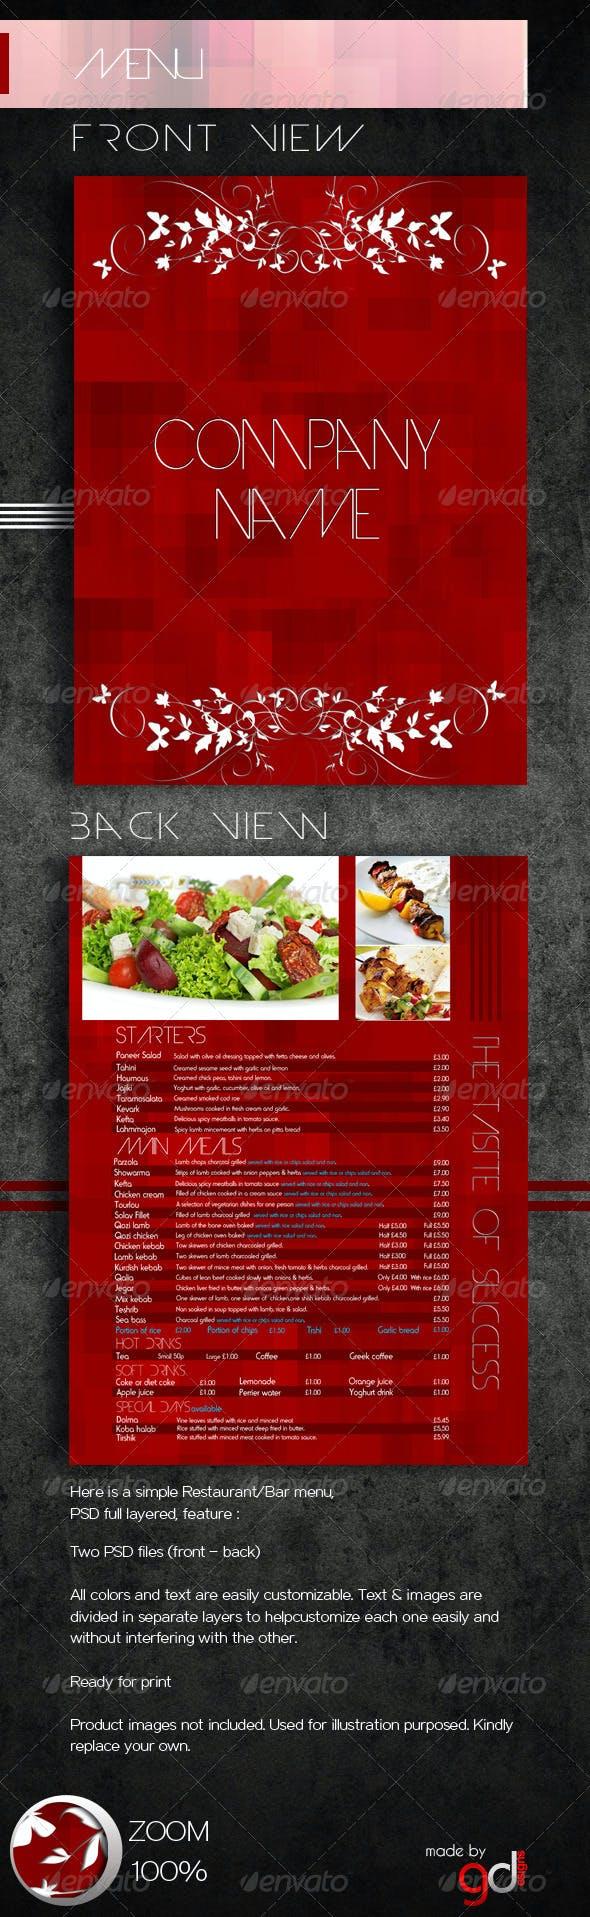 Restaurant/Bar menu PSD Template